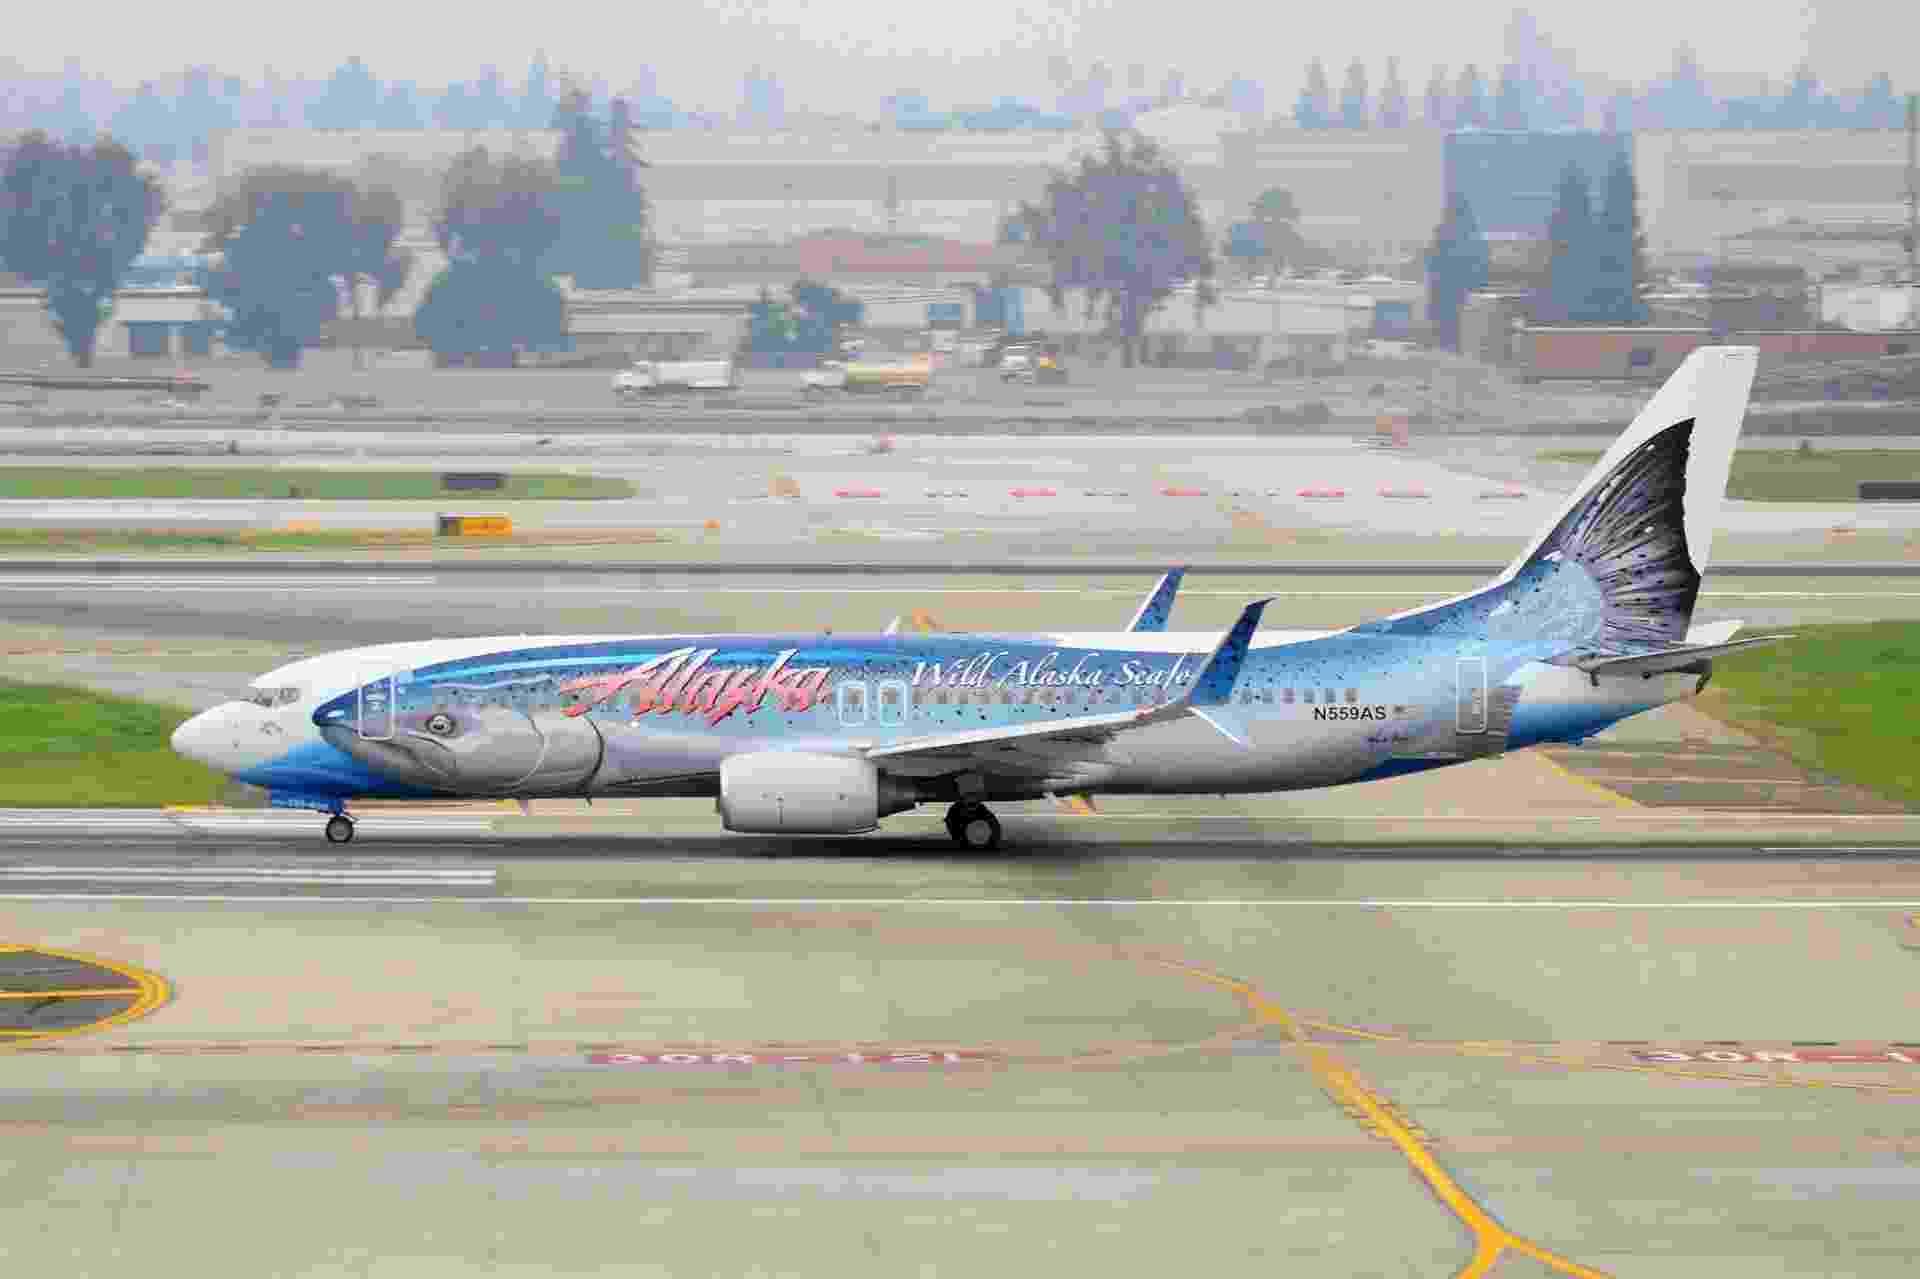 É um peixe? Ou é um avião? É um peixe desenhado neste avião da Alaska Air - Ian Abbott/Flickr